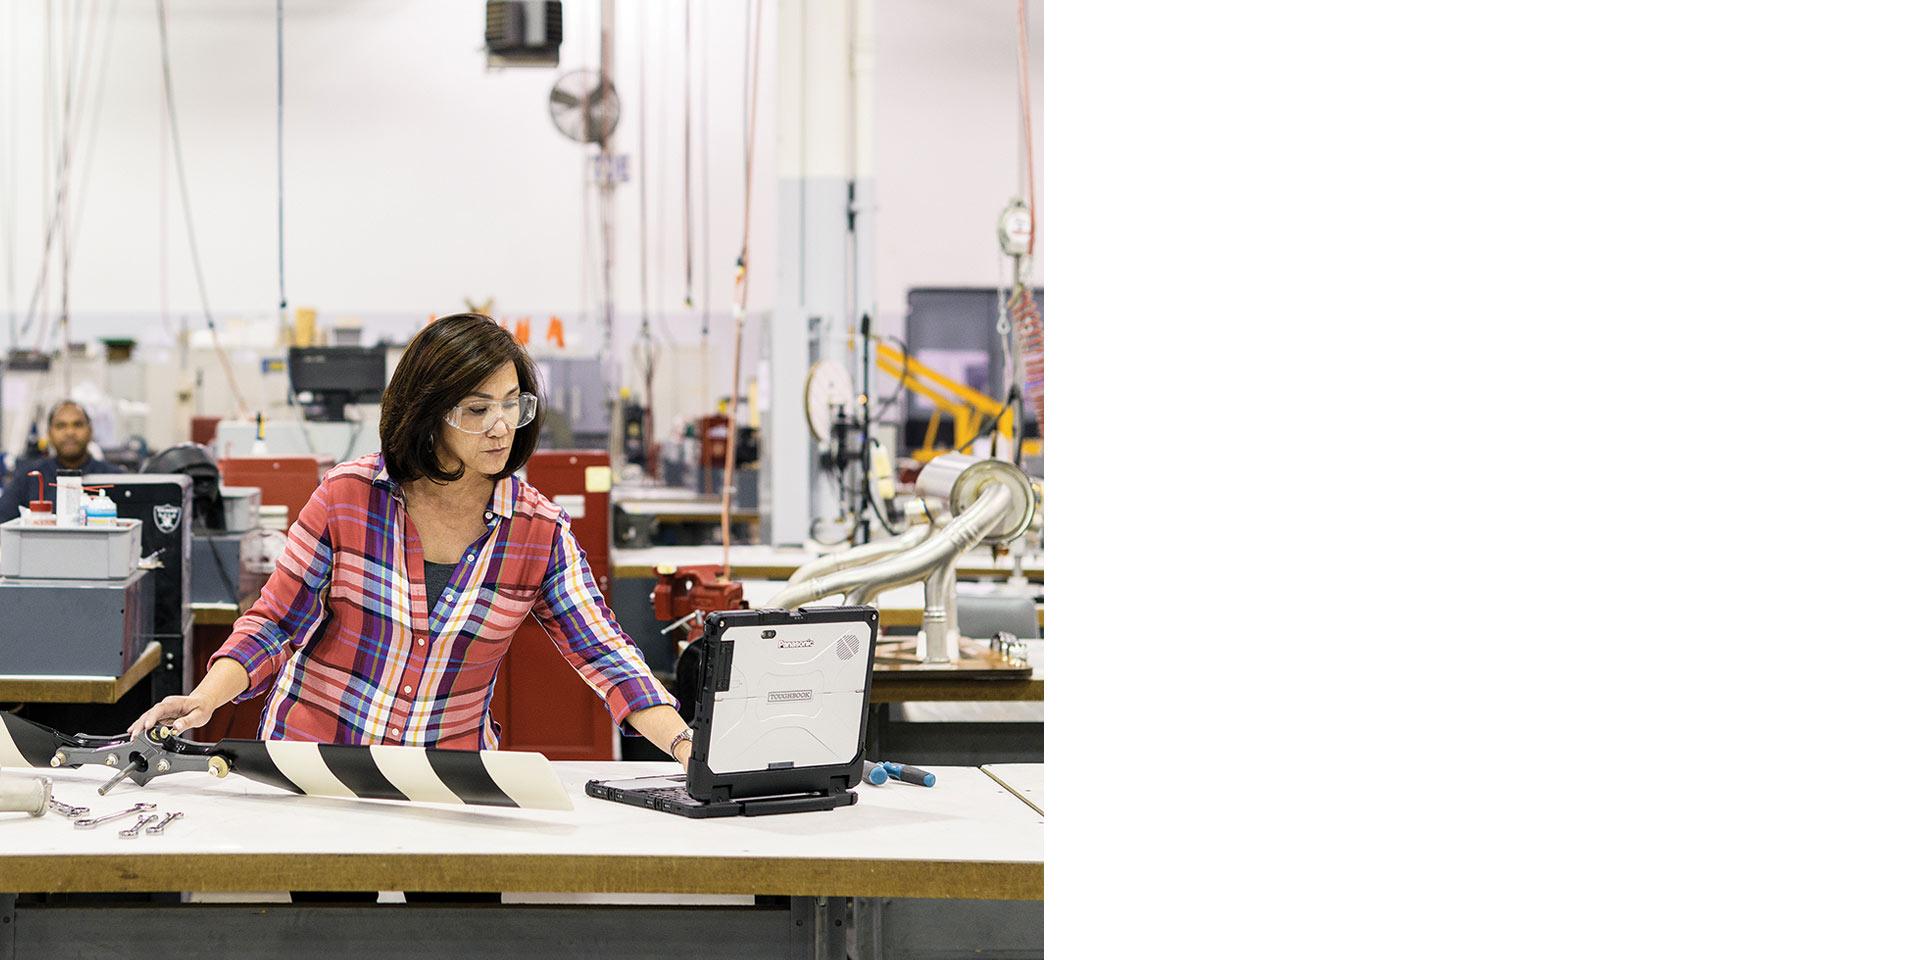 Женщина пользуется ноутбуком на заводе